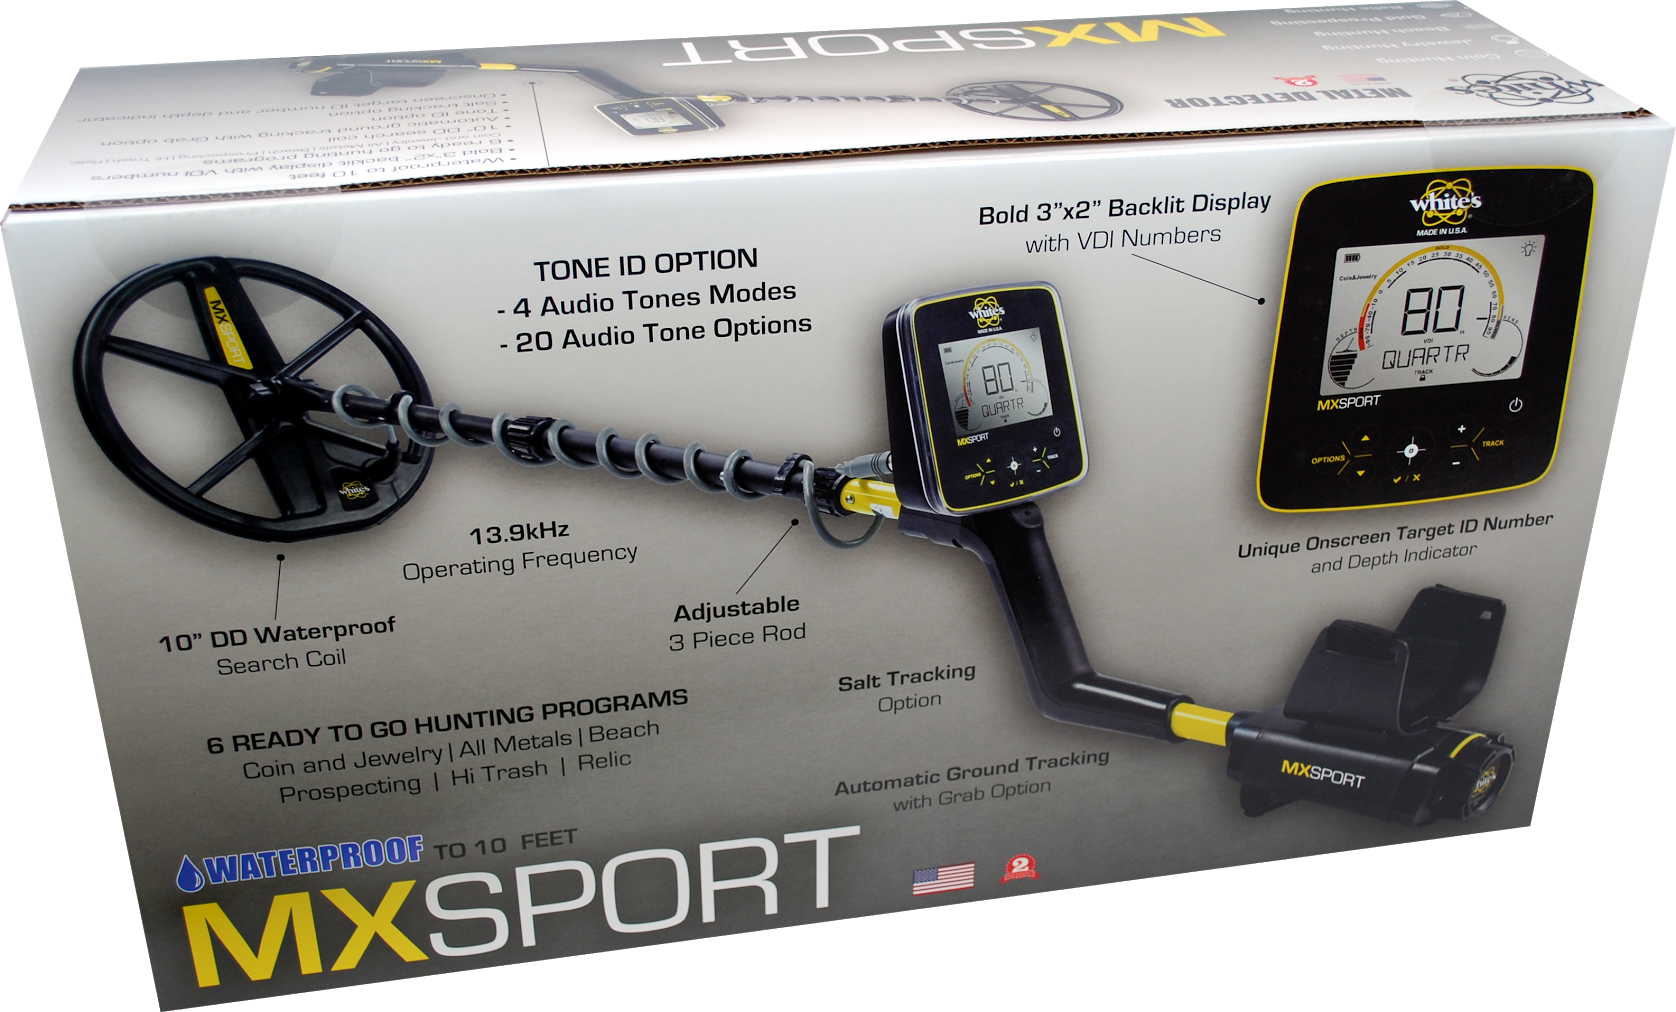 Caja del detector de metales MX Sport de White's